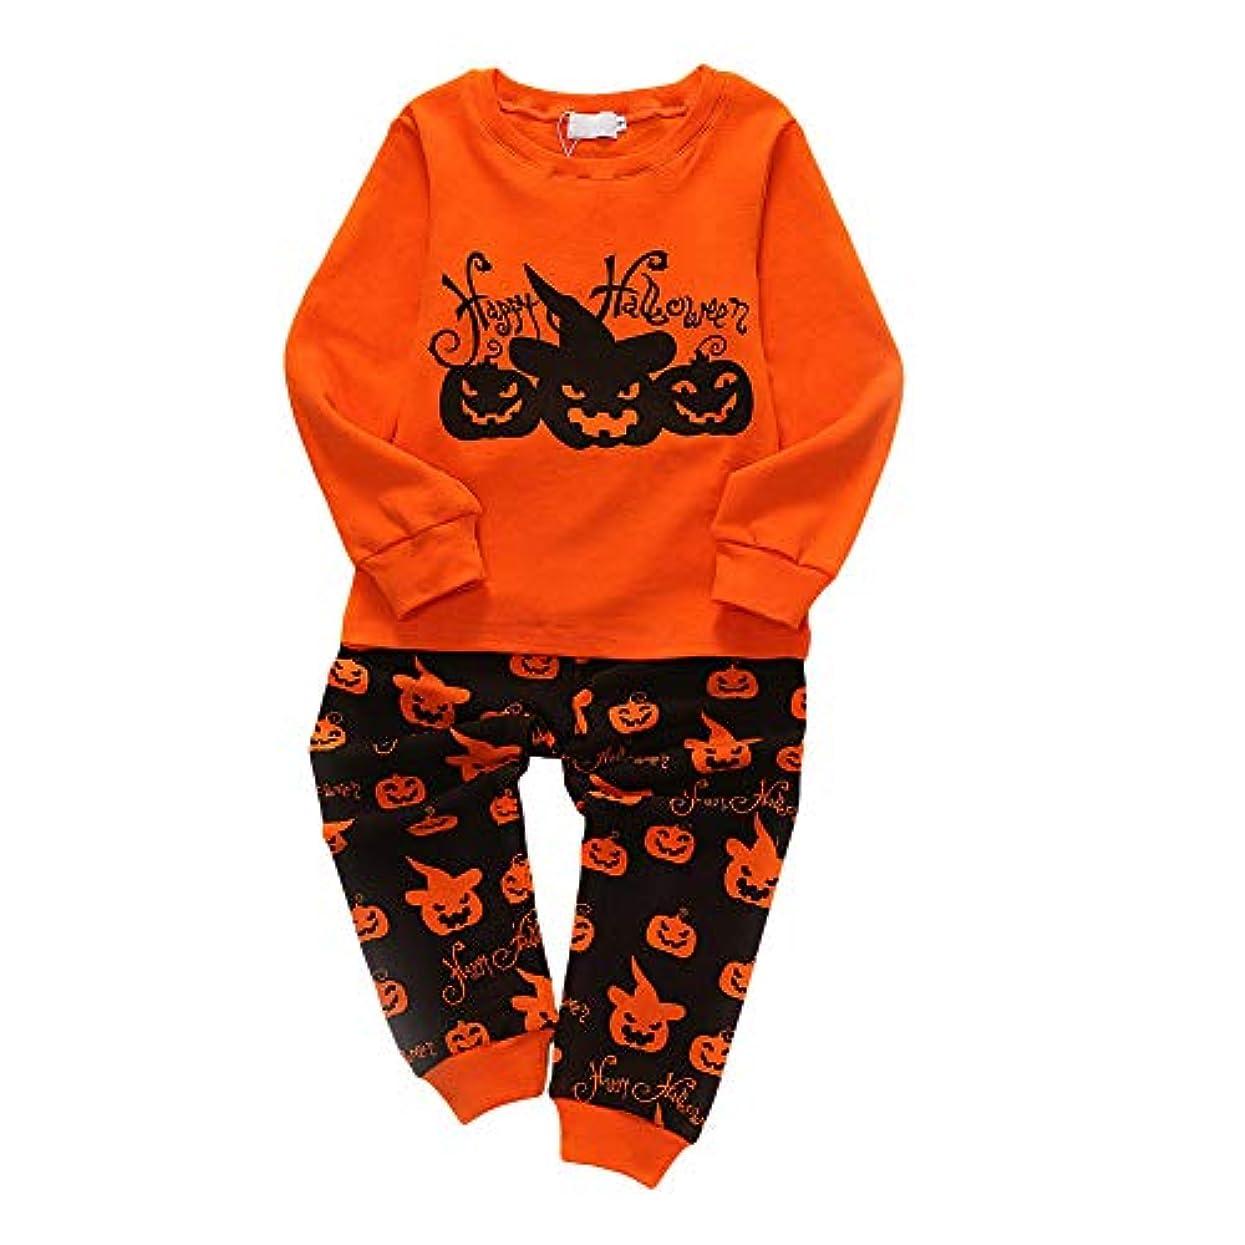 すべきアセンブリ悪党MyMei Tシャツ ロングパンツ セット 長袖 ハロウィン ベビー 子供 キッズ パジャマセット 綿製 可愛い 柔らかい (2A)